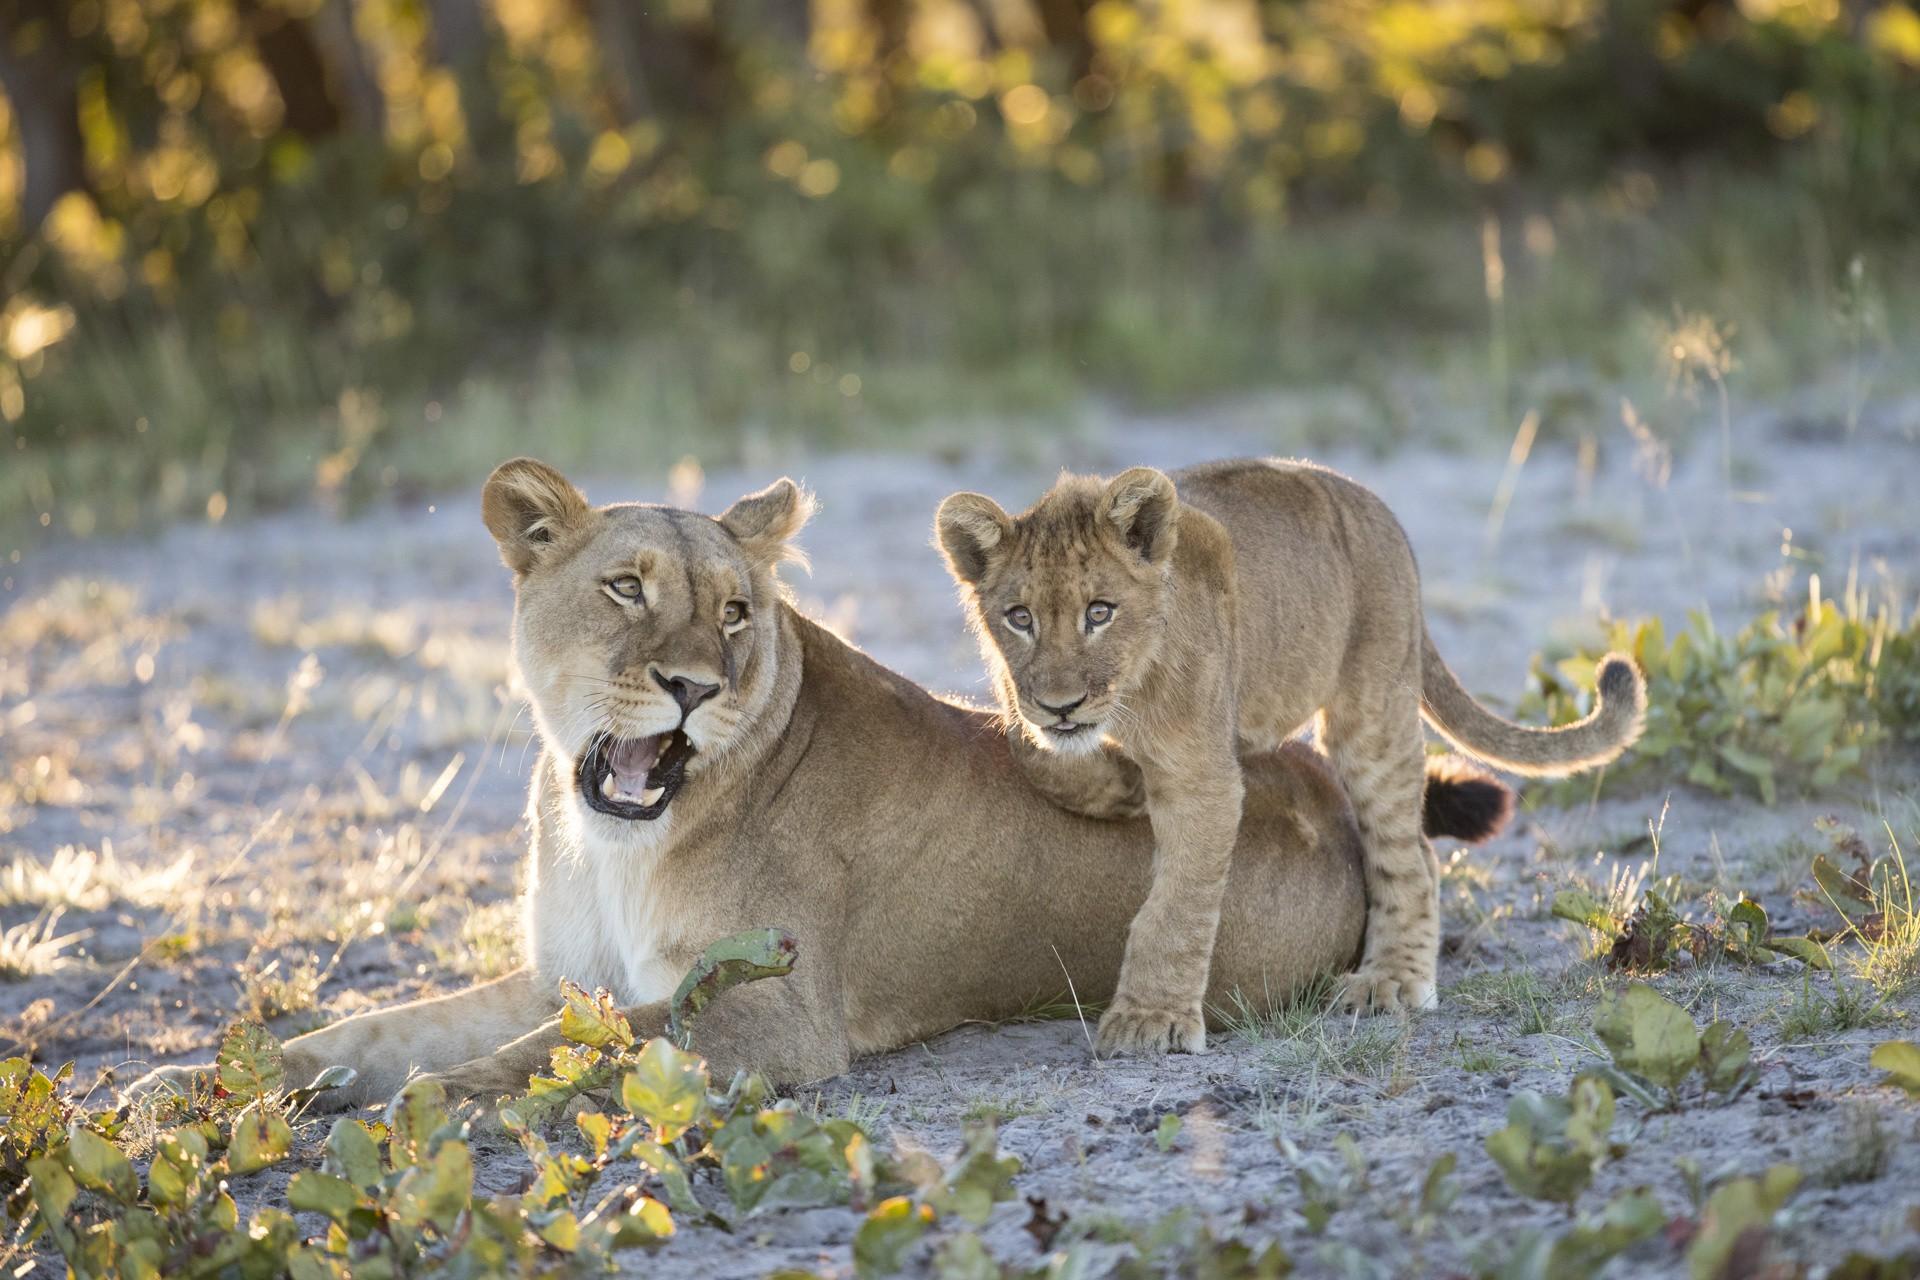 Ghé thăm vùng đất lý tưởng cho các nhiếp ảnh gia thiên nhiên hoang dã: Quê hương của một con sư tử huyền thoại - Ảnh 9.